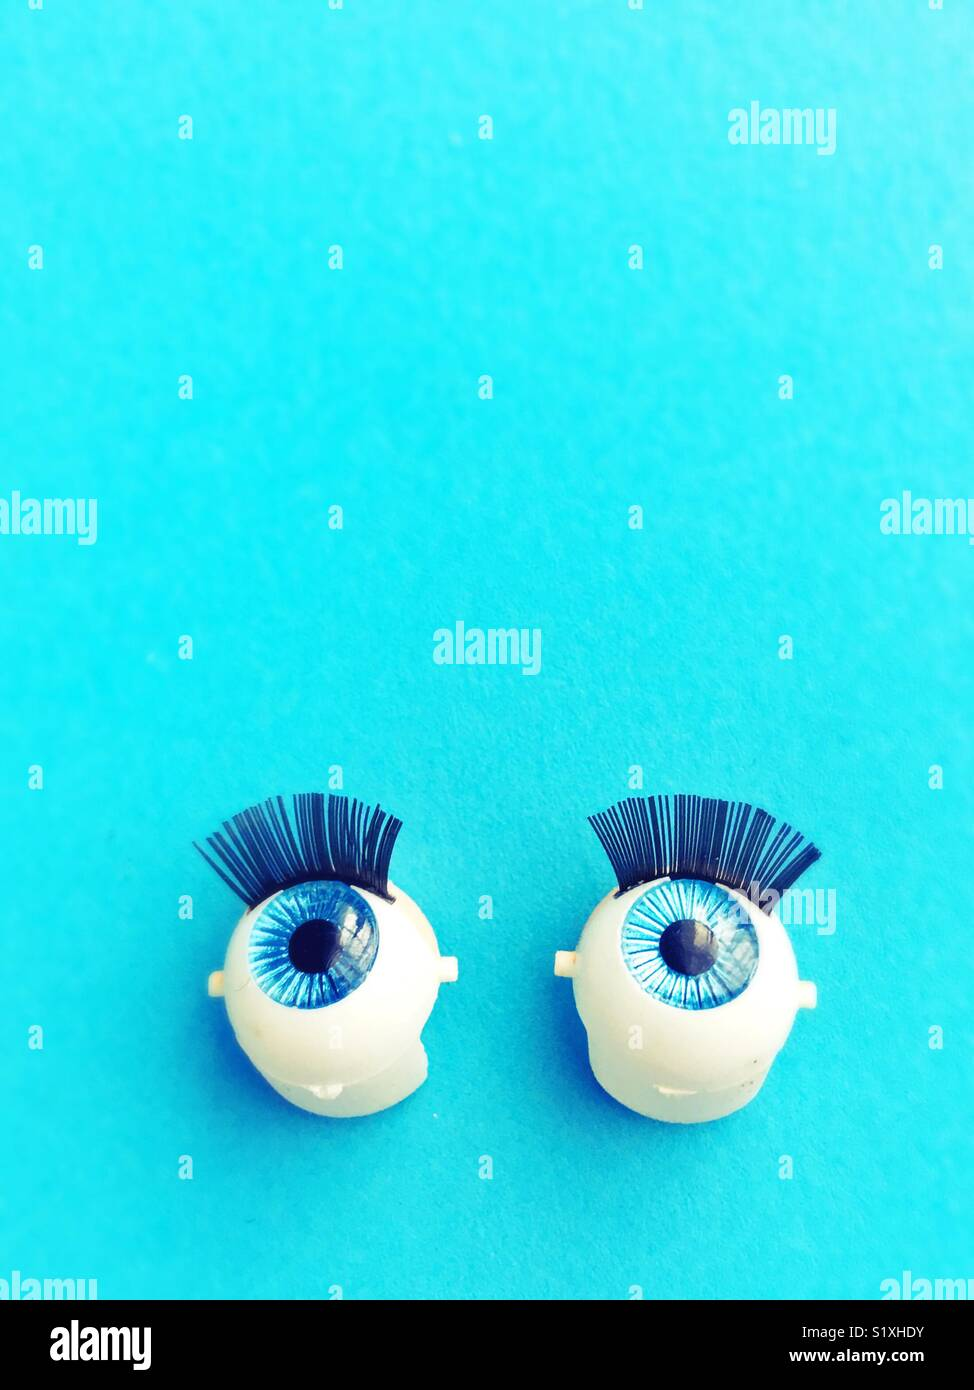 Un jeu de poupée bleu les yeux. Photo Stock